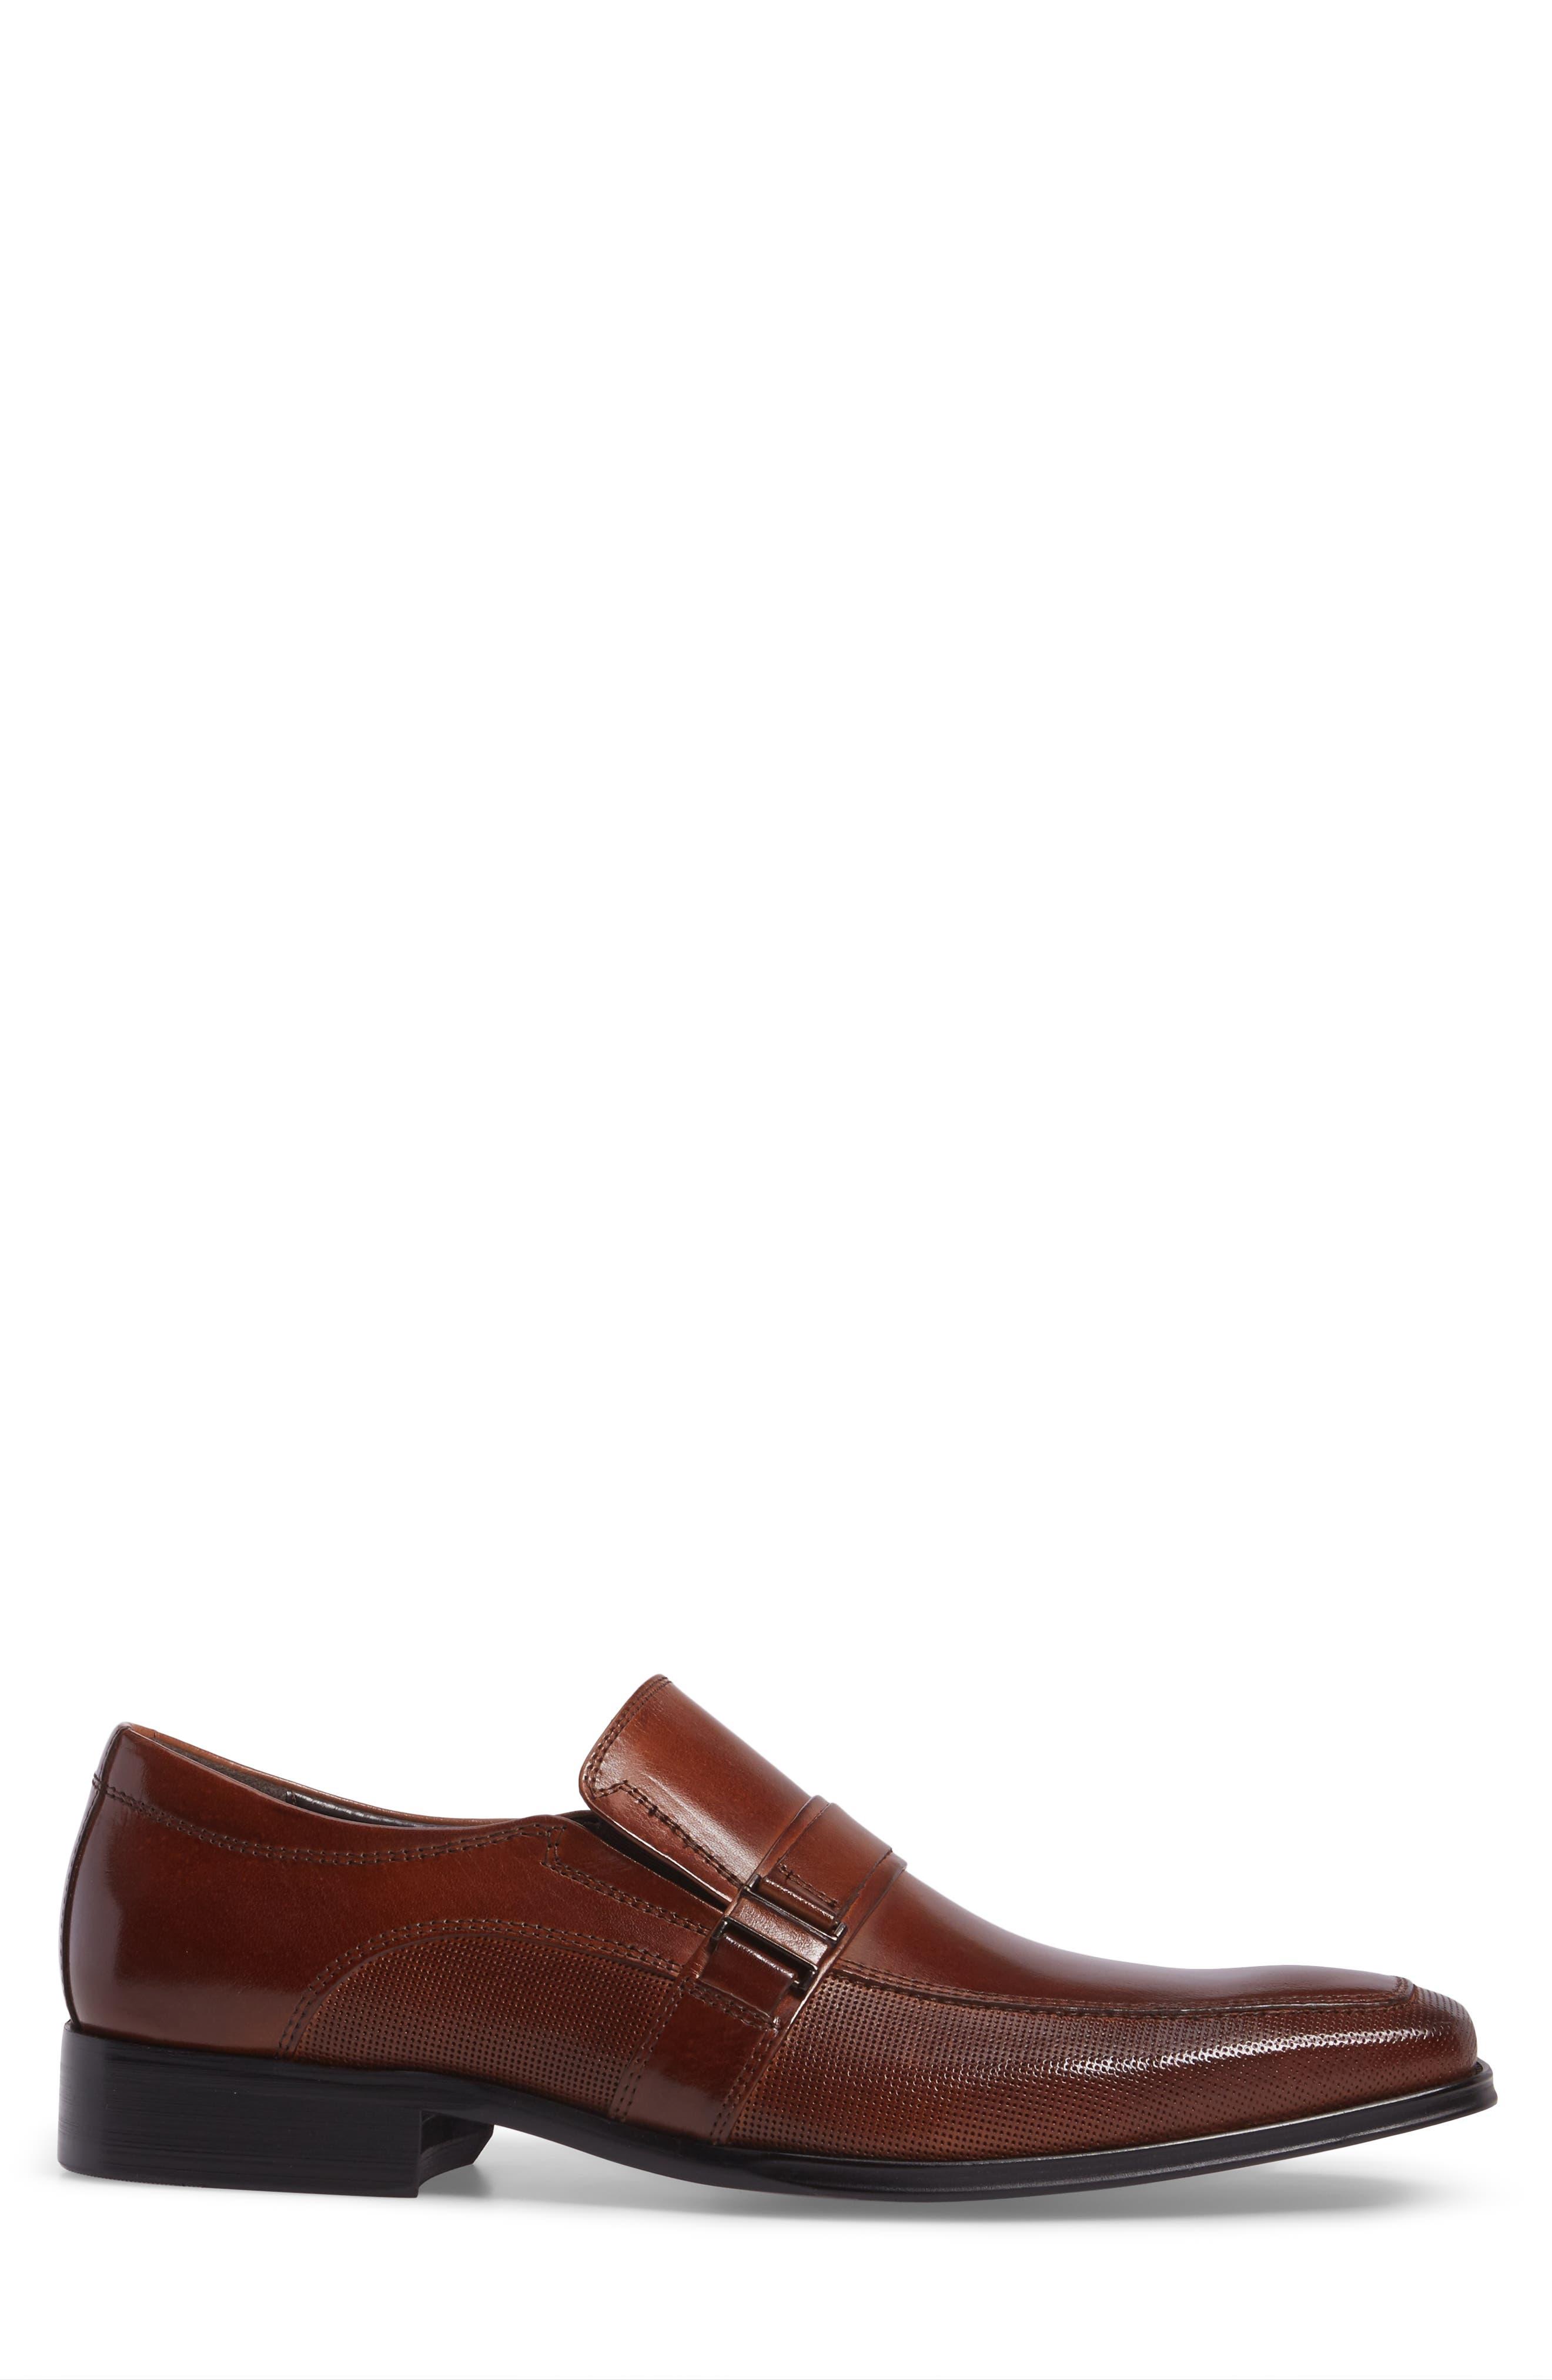 Alternate Image 3  - Reaction Kenneth Cole Design 20912 Banded Loafer (Men)